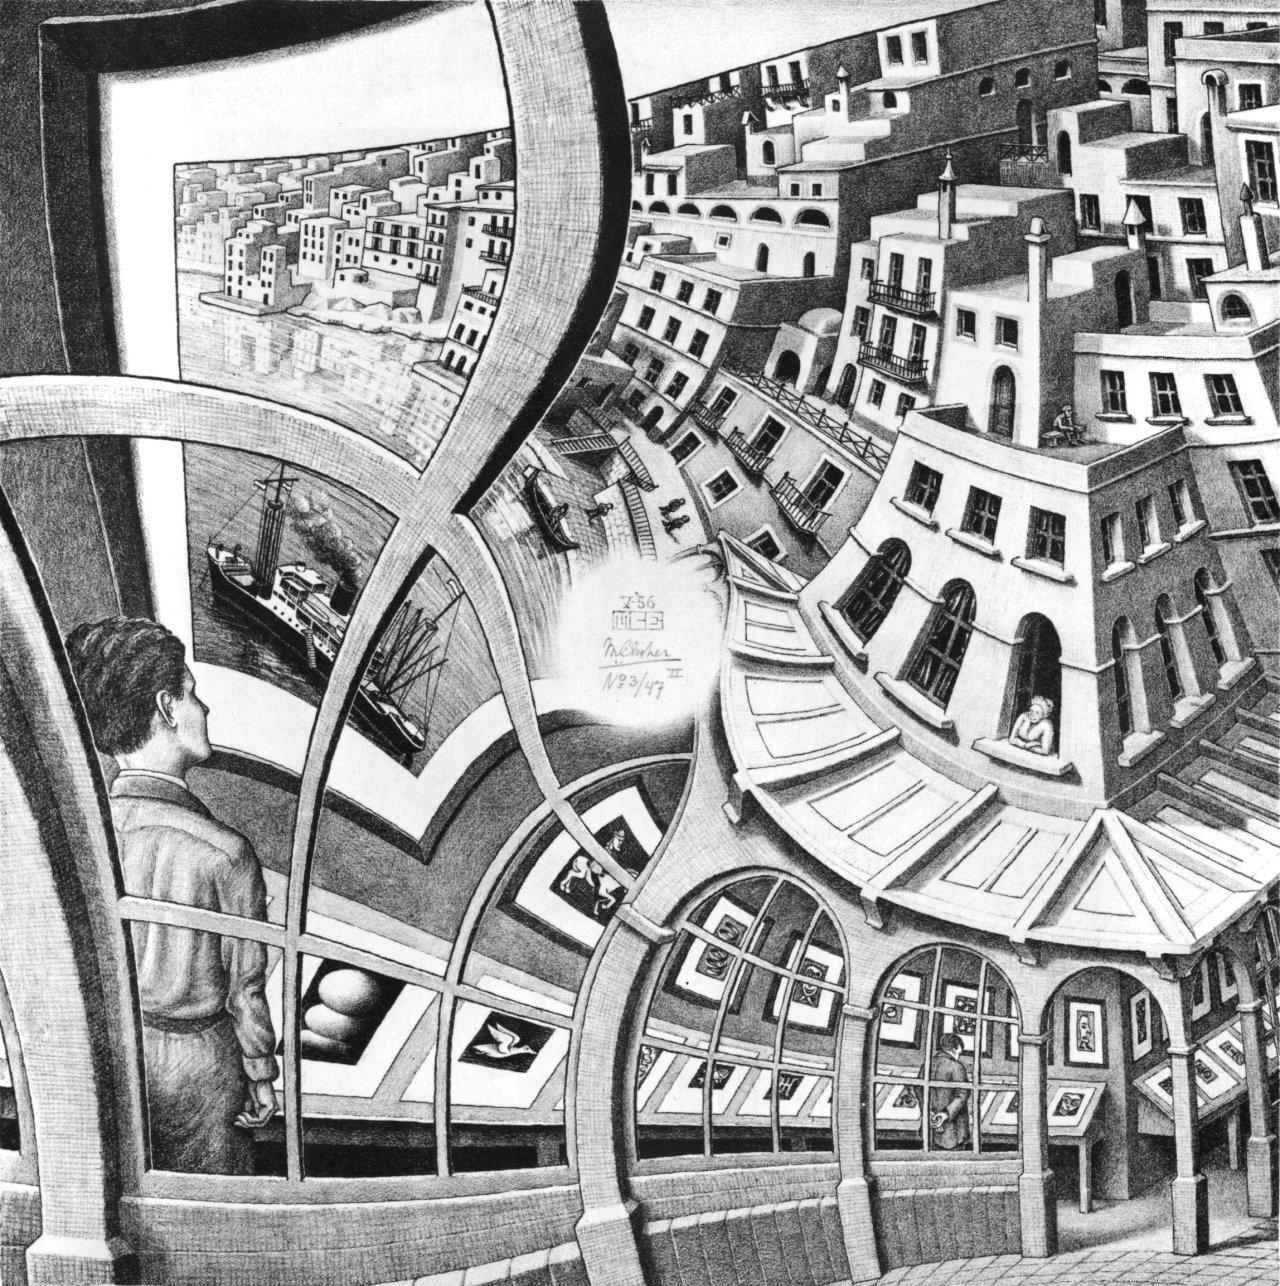 Novedad Editorial: La evidencia de las imágenes de Ernst Gombrich